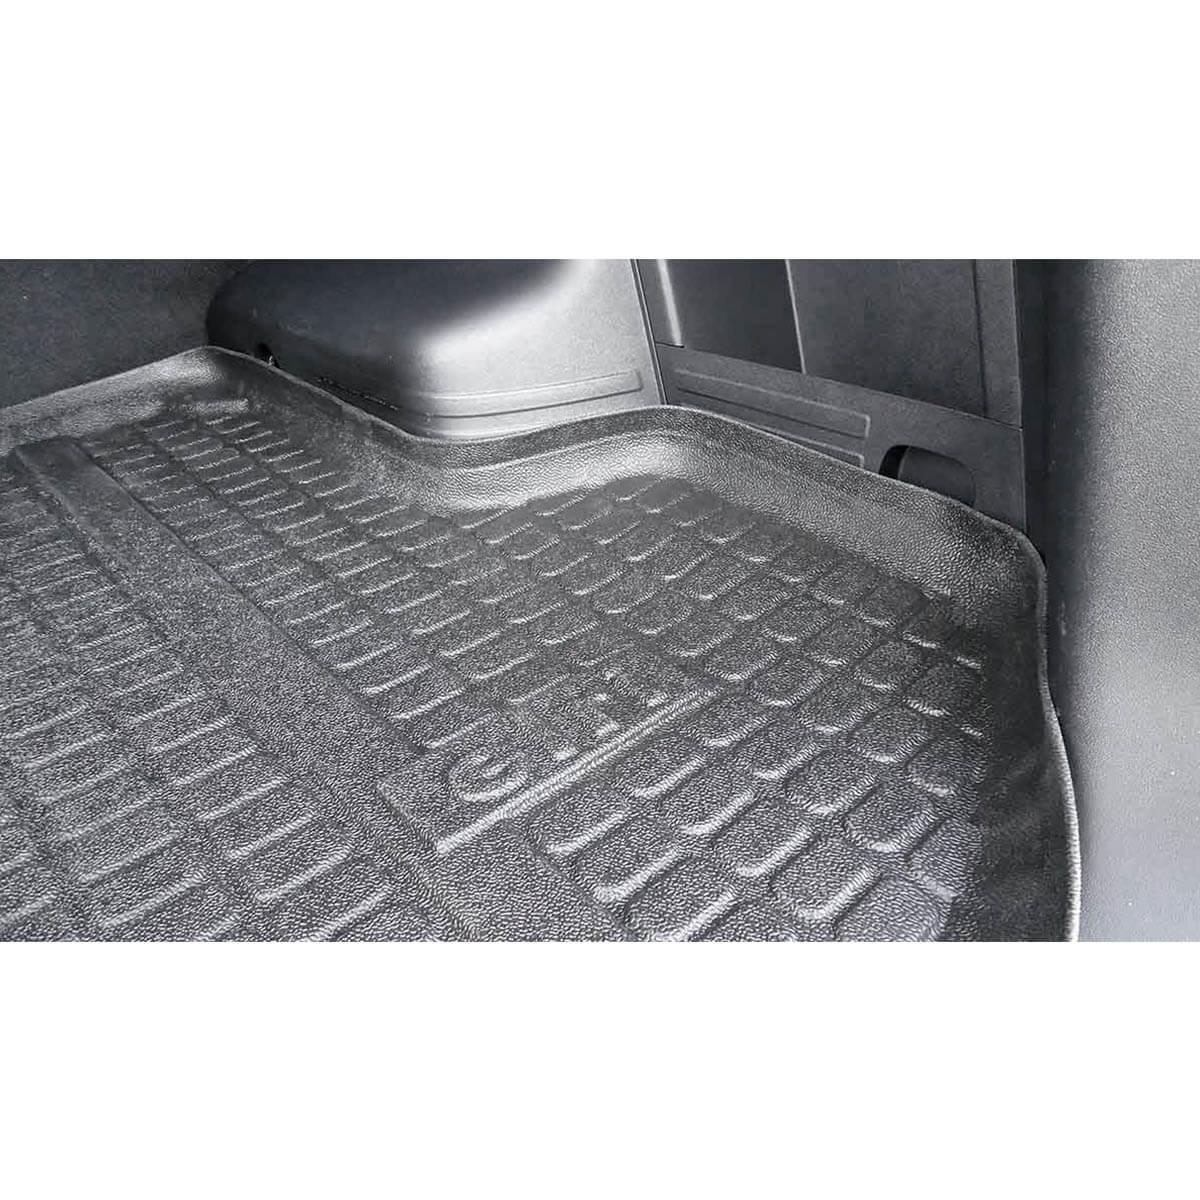 Bandeja tapete porta malas Jeep Renegade 2016 a 2021